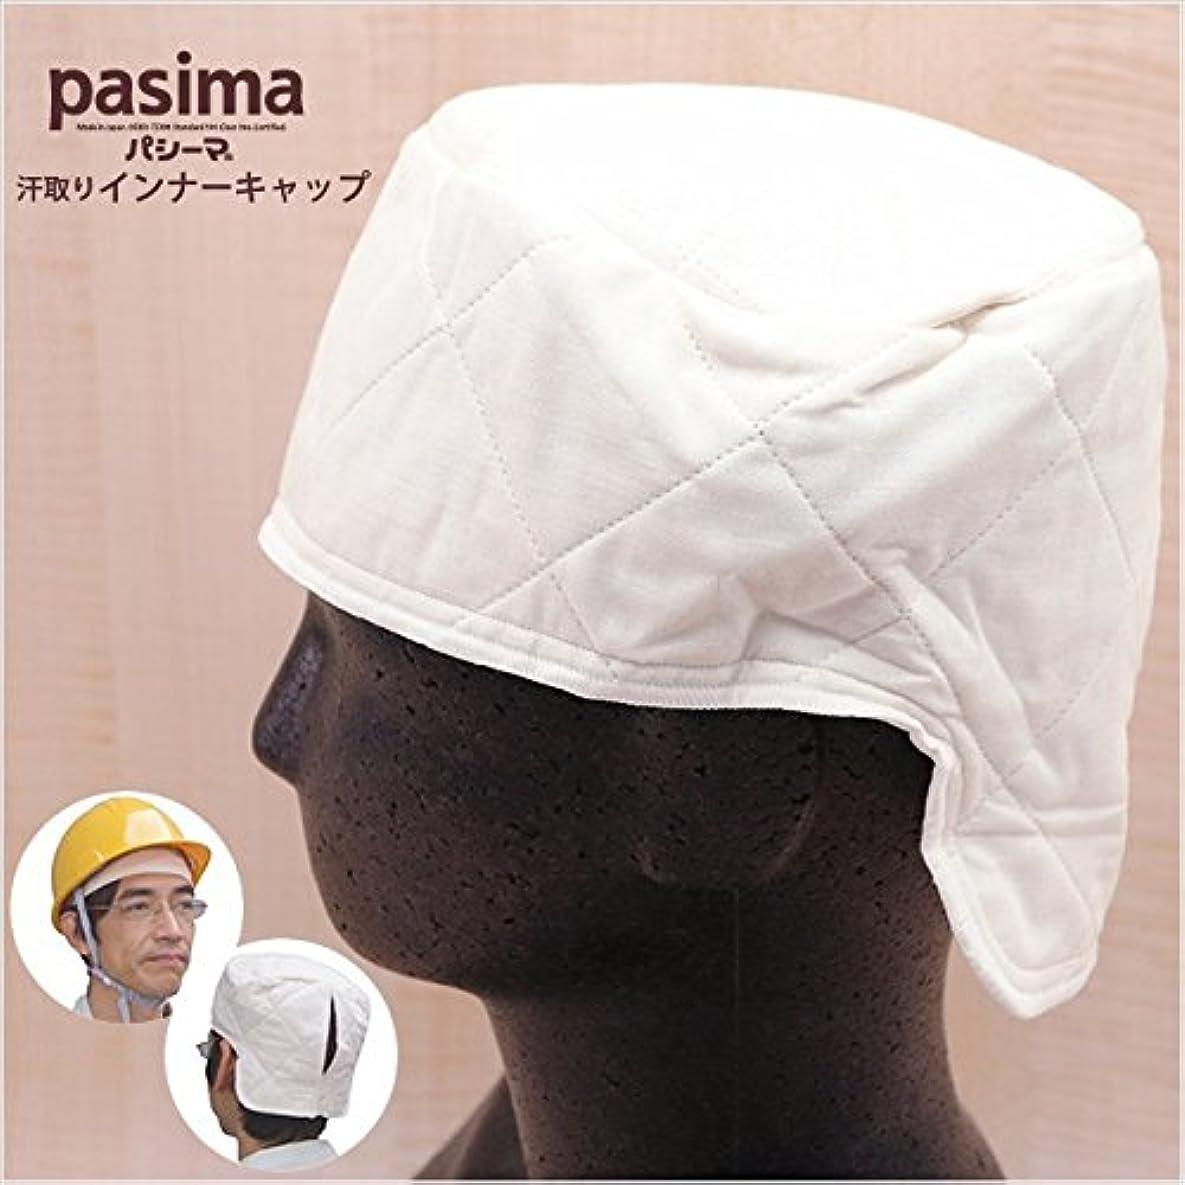 電気的ブラインドクリックパシーマの汗とりインナーキャップ フリーサイズ pasima (28110018)